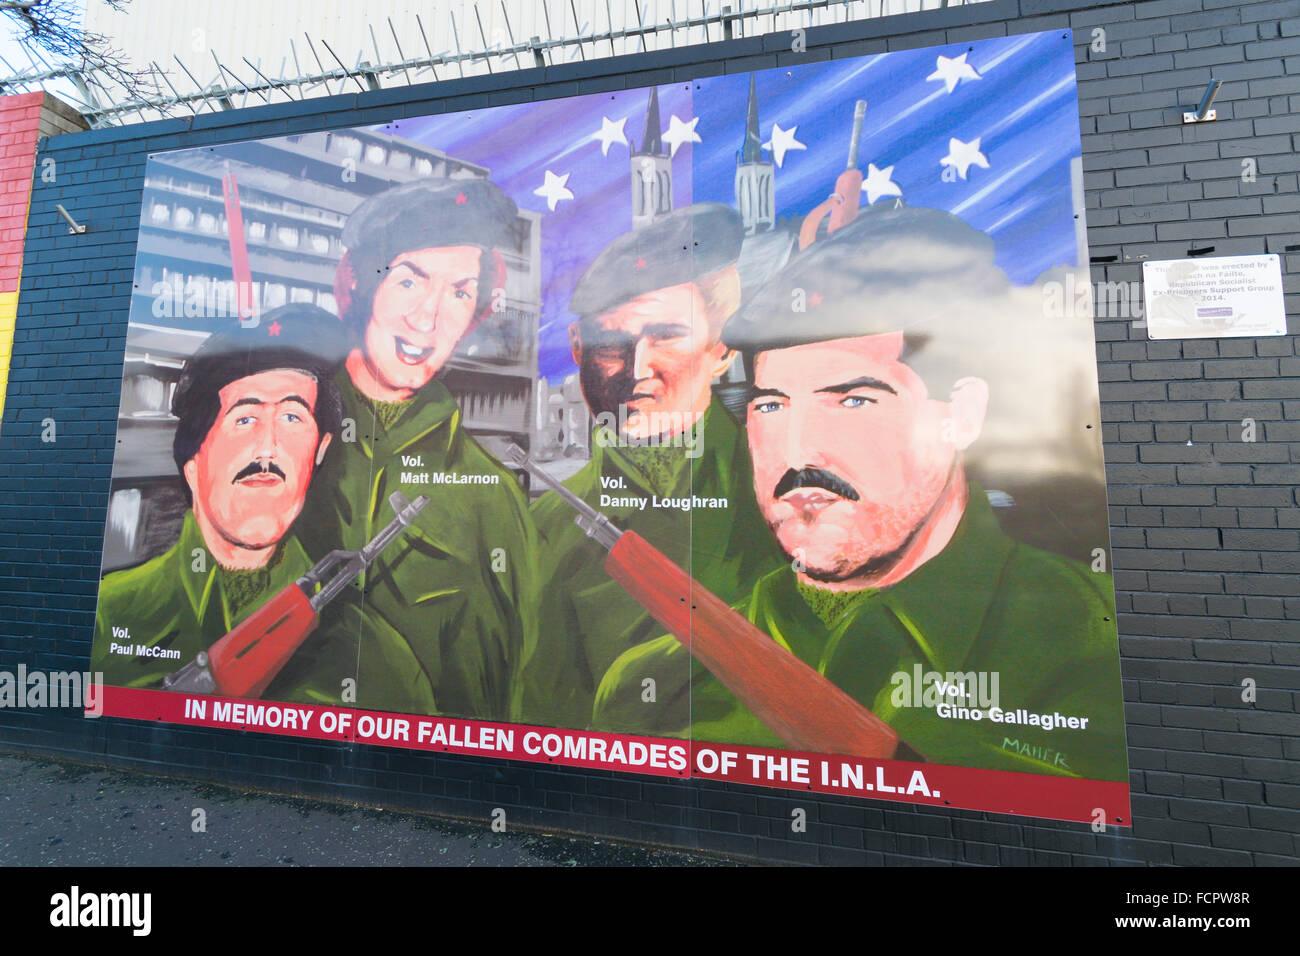 Murale AIDN en mémoire de leurs camarades tombés au mur à Belfast International Falls Road. Photo Stock